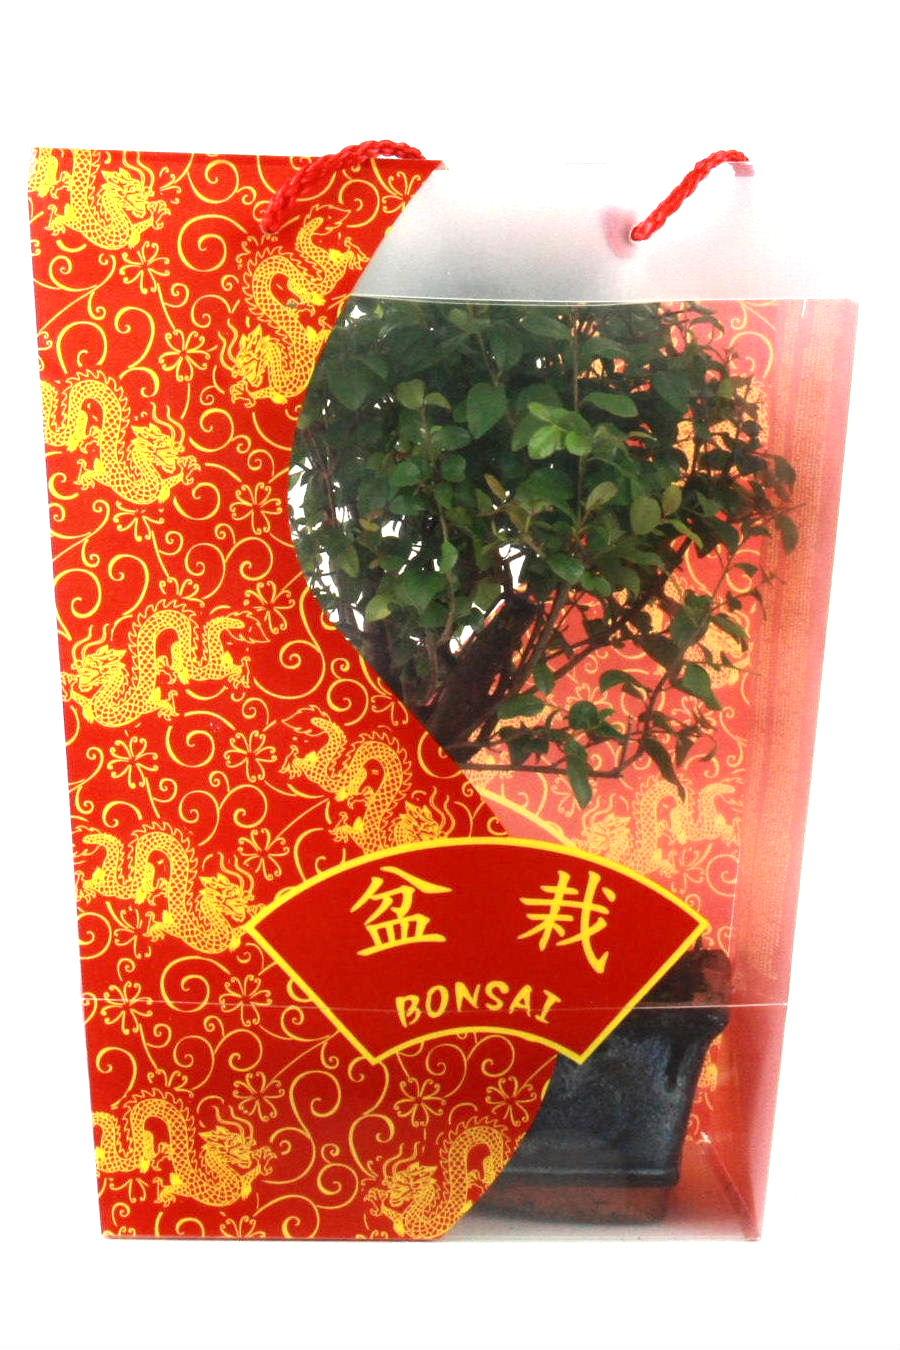 Bonsai bonsaischalen zubeh r oyaki bonsai for Bonsai versand